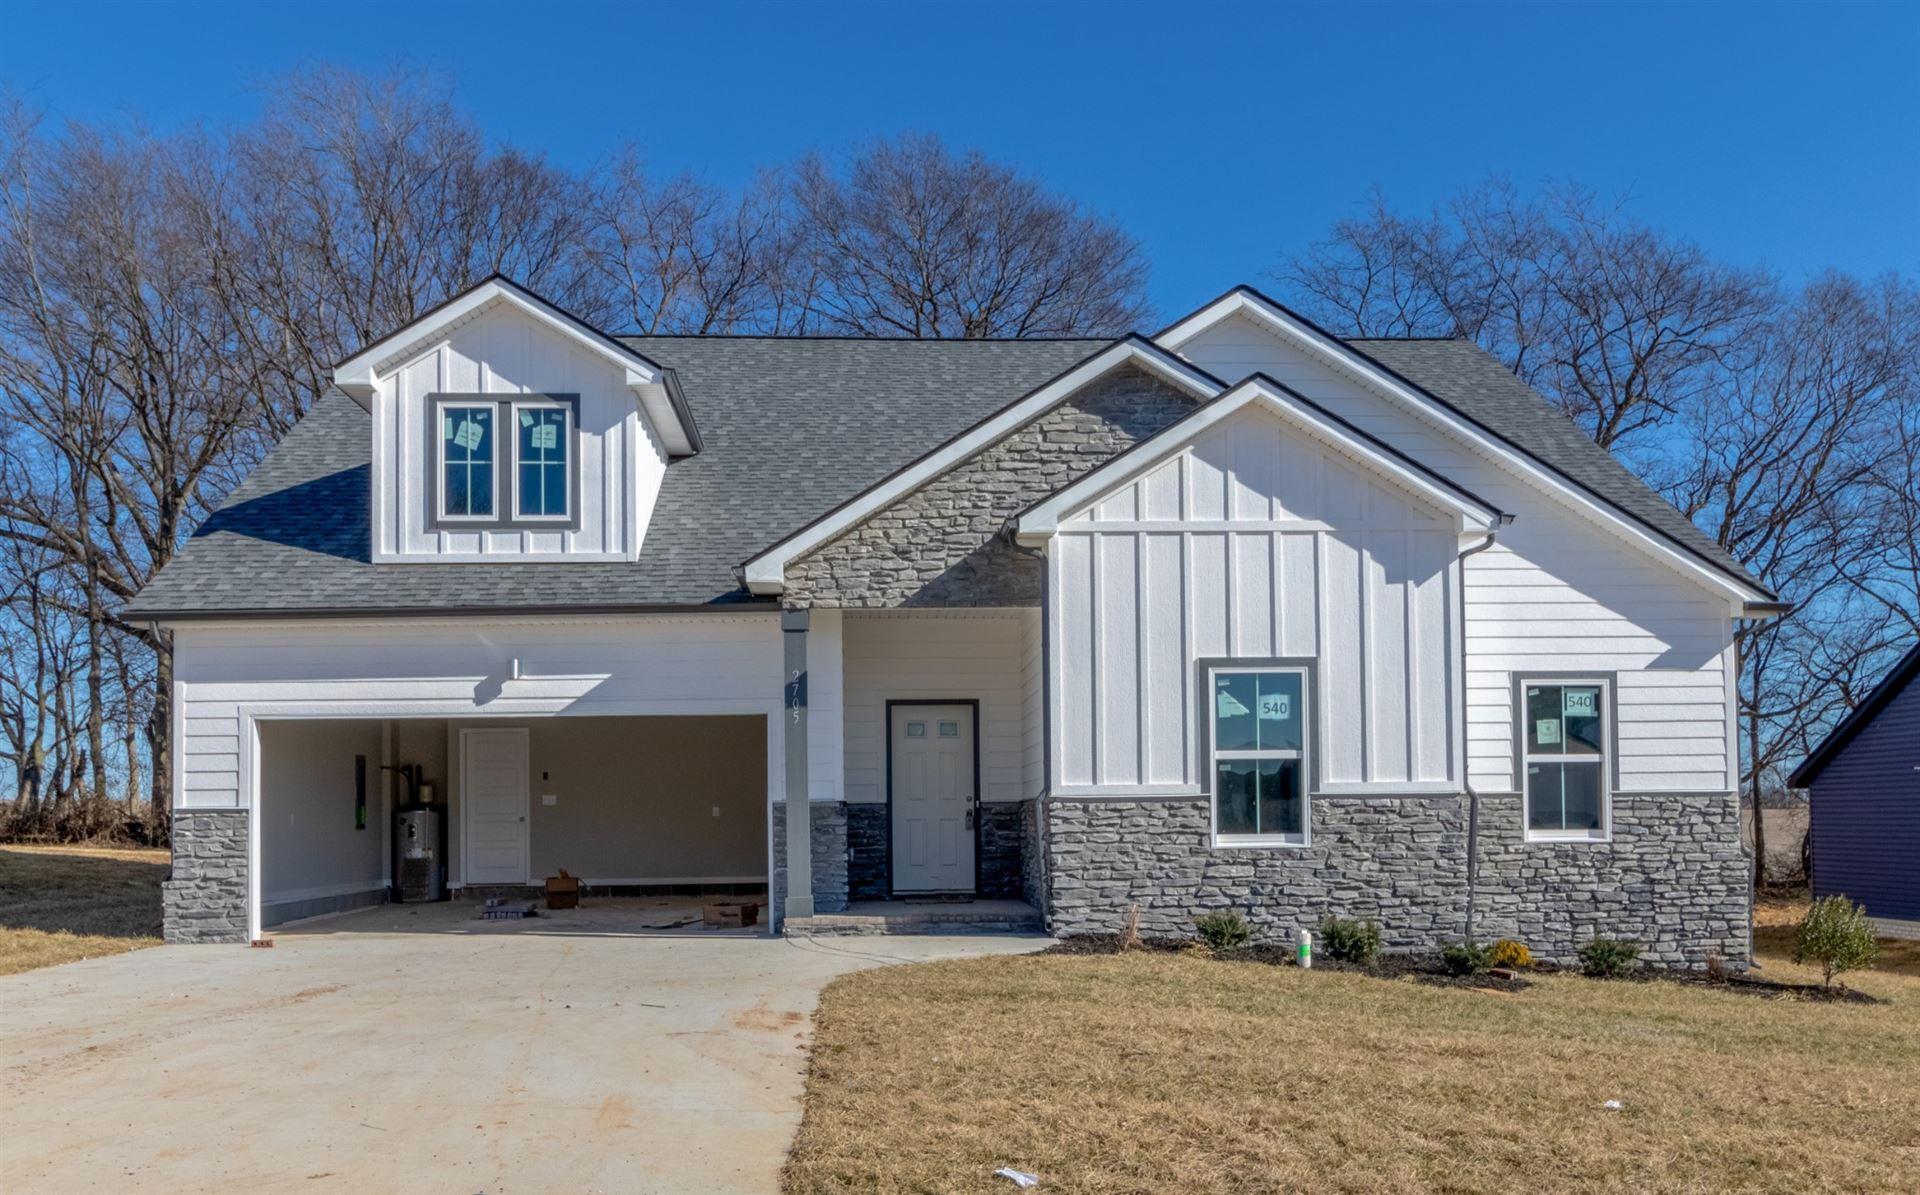 540 Farmington, Clarksville, TN 37043 - MLS#: 2303459